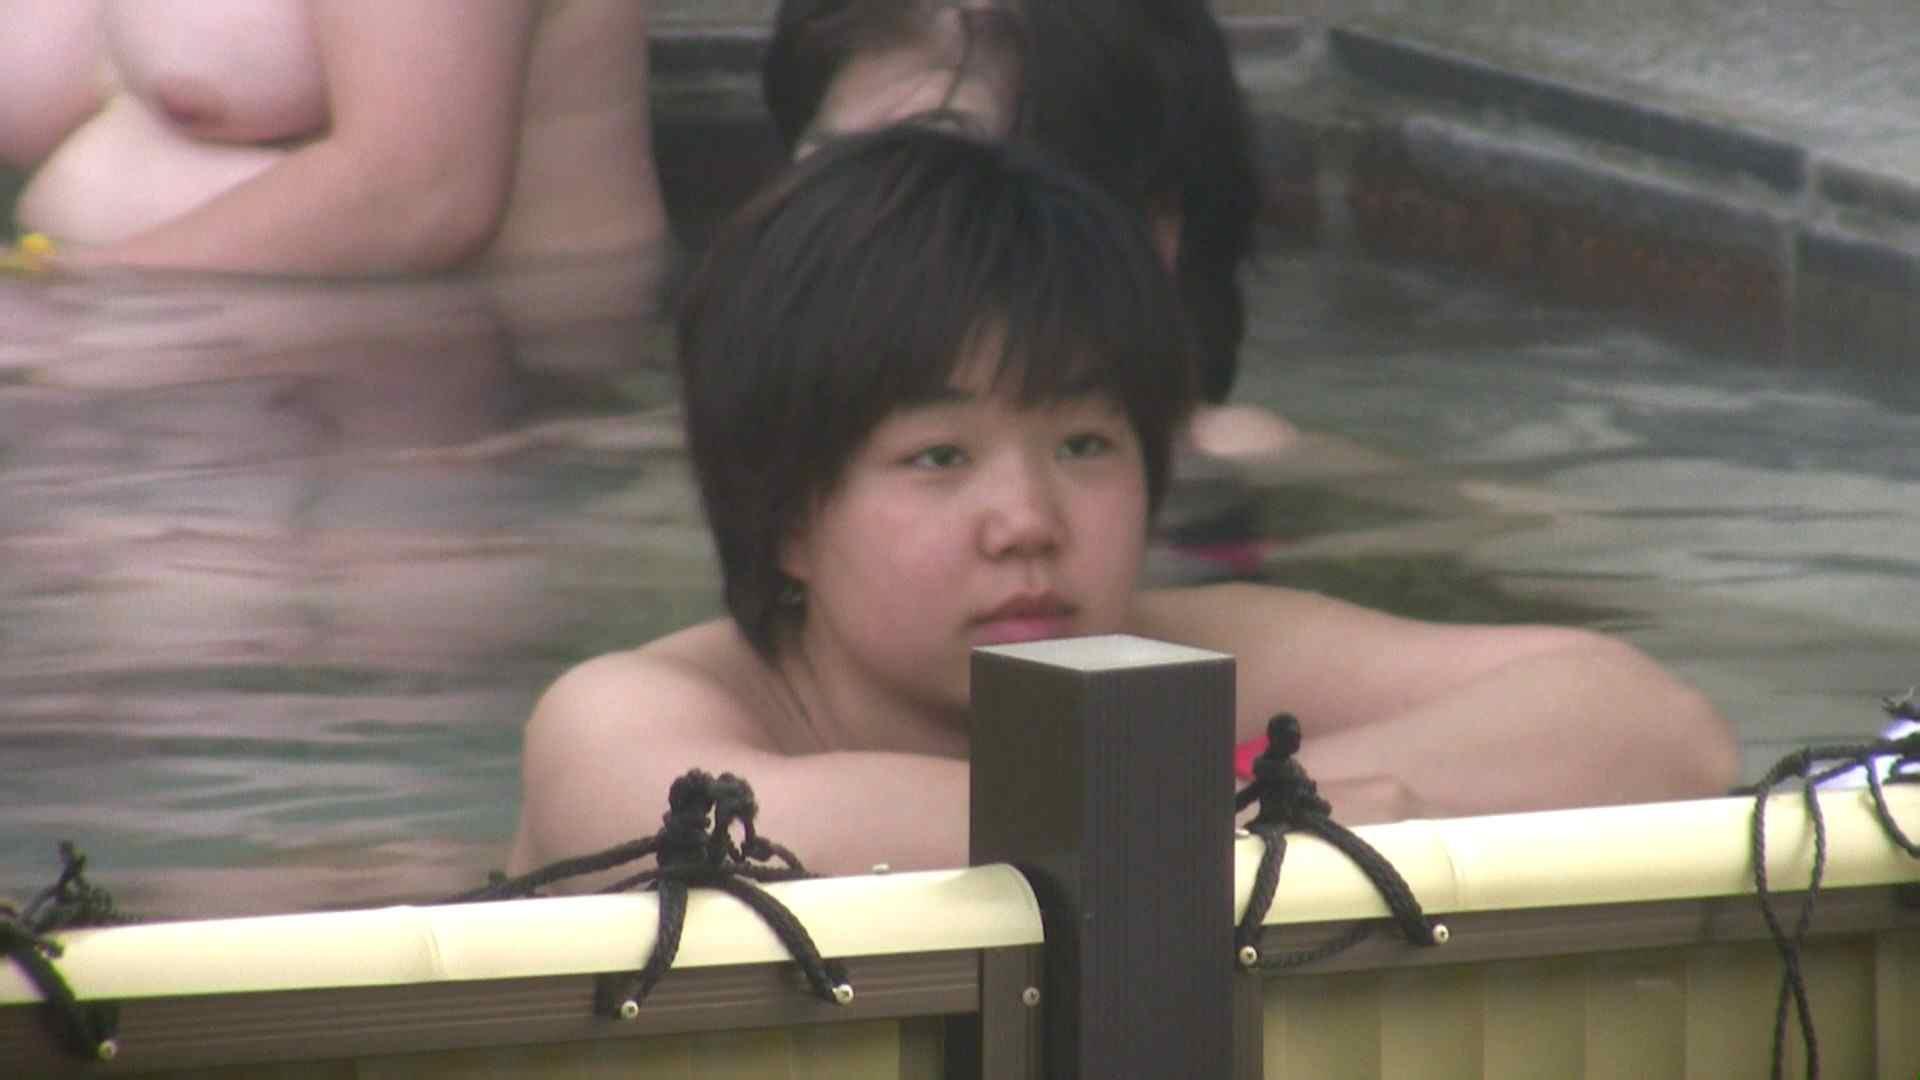 Aquaな露天風呂Vol.53【VIP限定】 露天風呂 | 盗撮動画  9枚 5